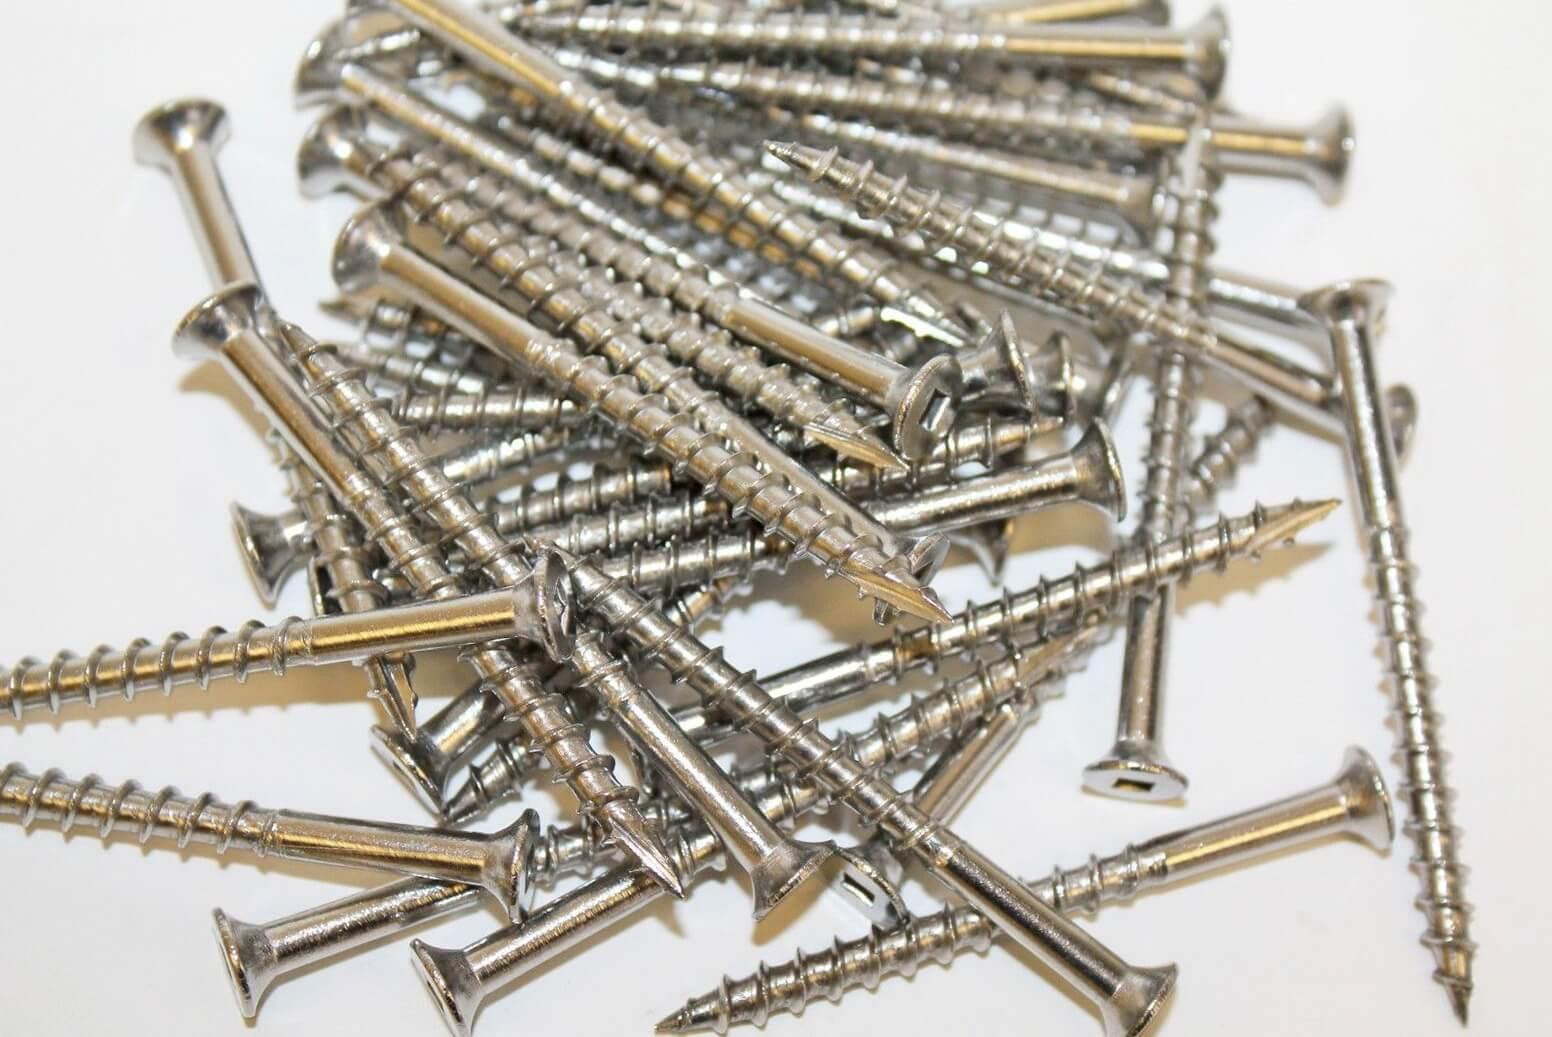 316 Stainless Steel Deck Screws